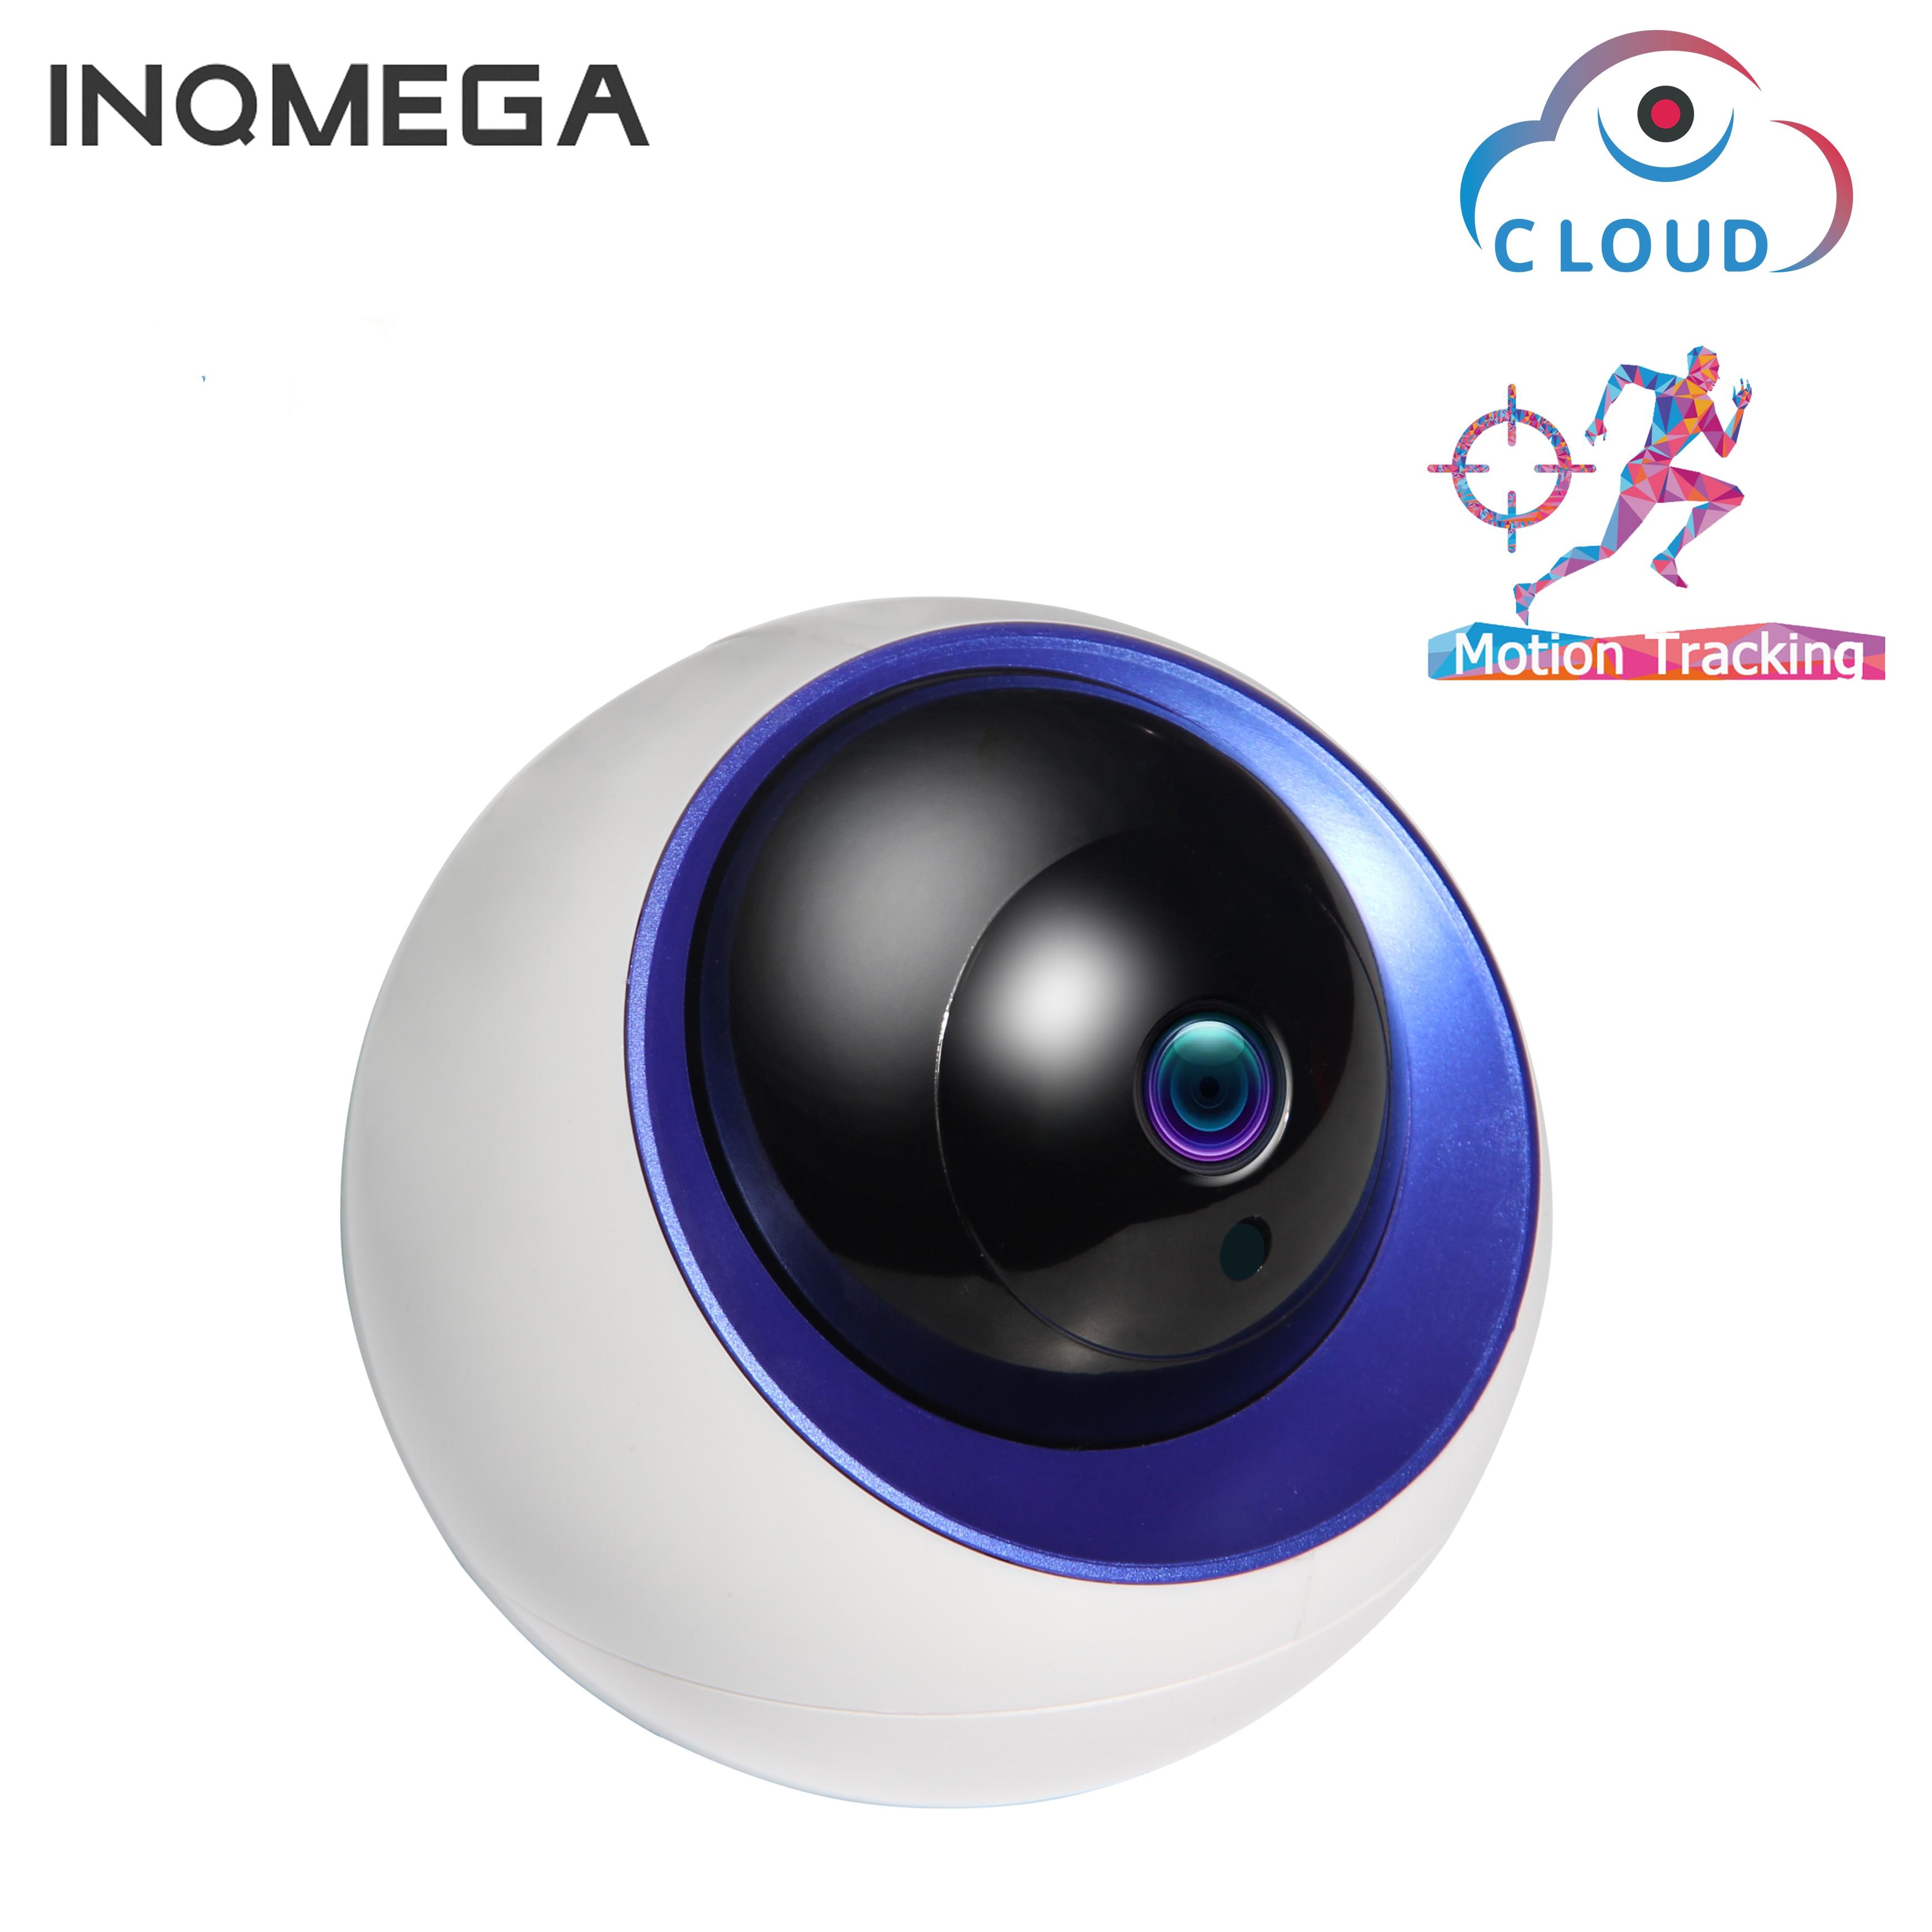 INQMEGA облачная IP купольная камера с автоматическим отслеживанием 4MP 1080P домашняя охранная Камера видеонаблюдения инфракрасная/Аудио/сигнали